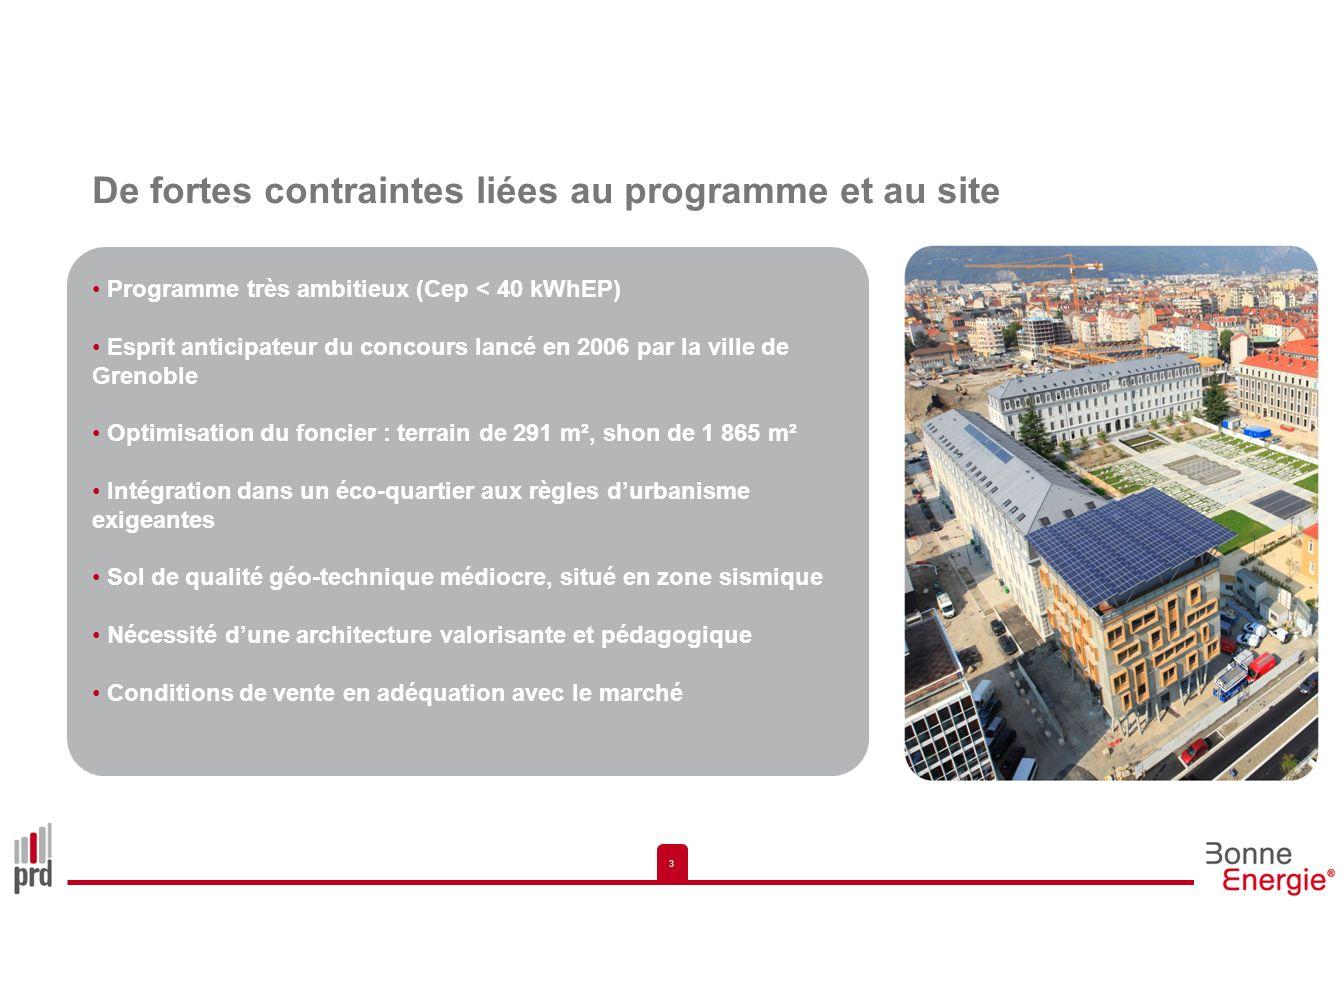 3 3 De fortes contraintes liées au programme et au site Programme très ambitieux (Cep < 40 kWhEP) Esprit anticipateur du concours lancé en 2006 par la